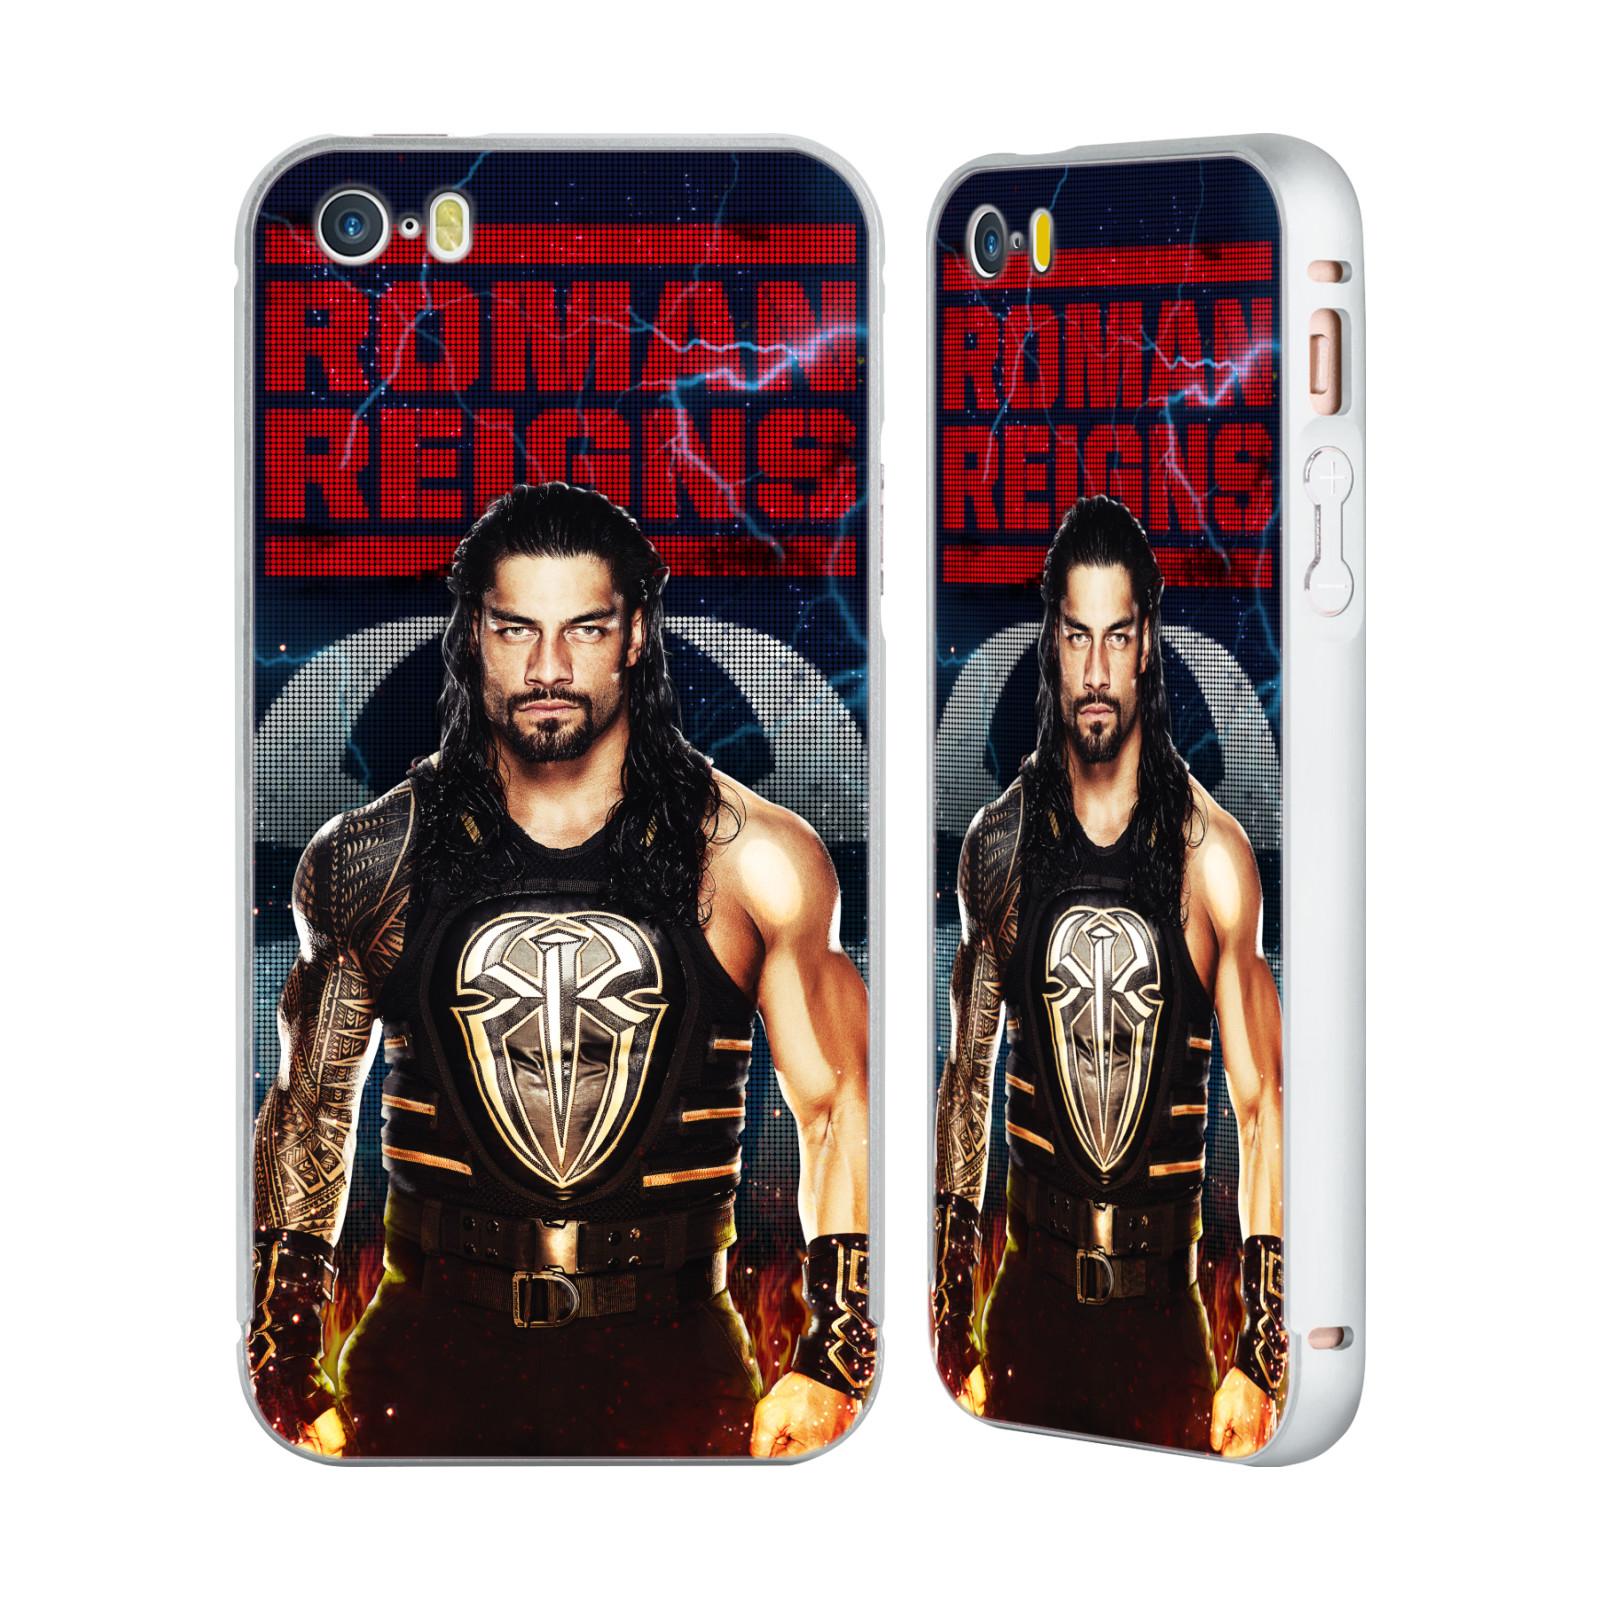 UFFICIALE-WWE-2017-REGNI-ROMANI-ARGENTO-COVER-CONTORNO-PER-APPLE-iPHONE-TELEFONI